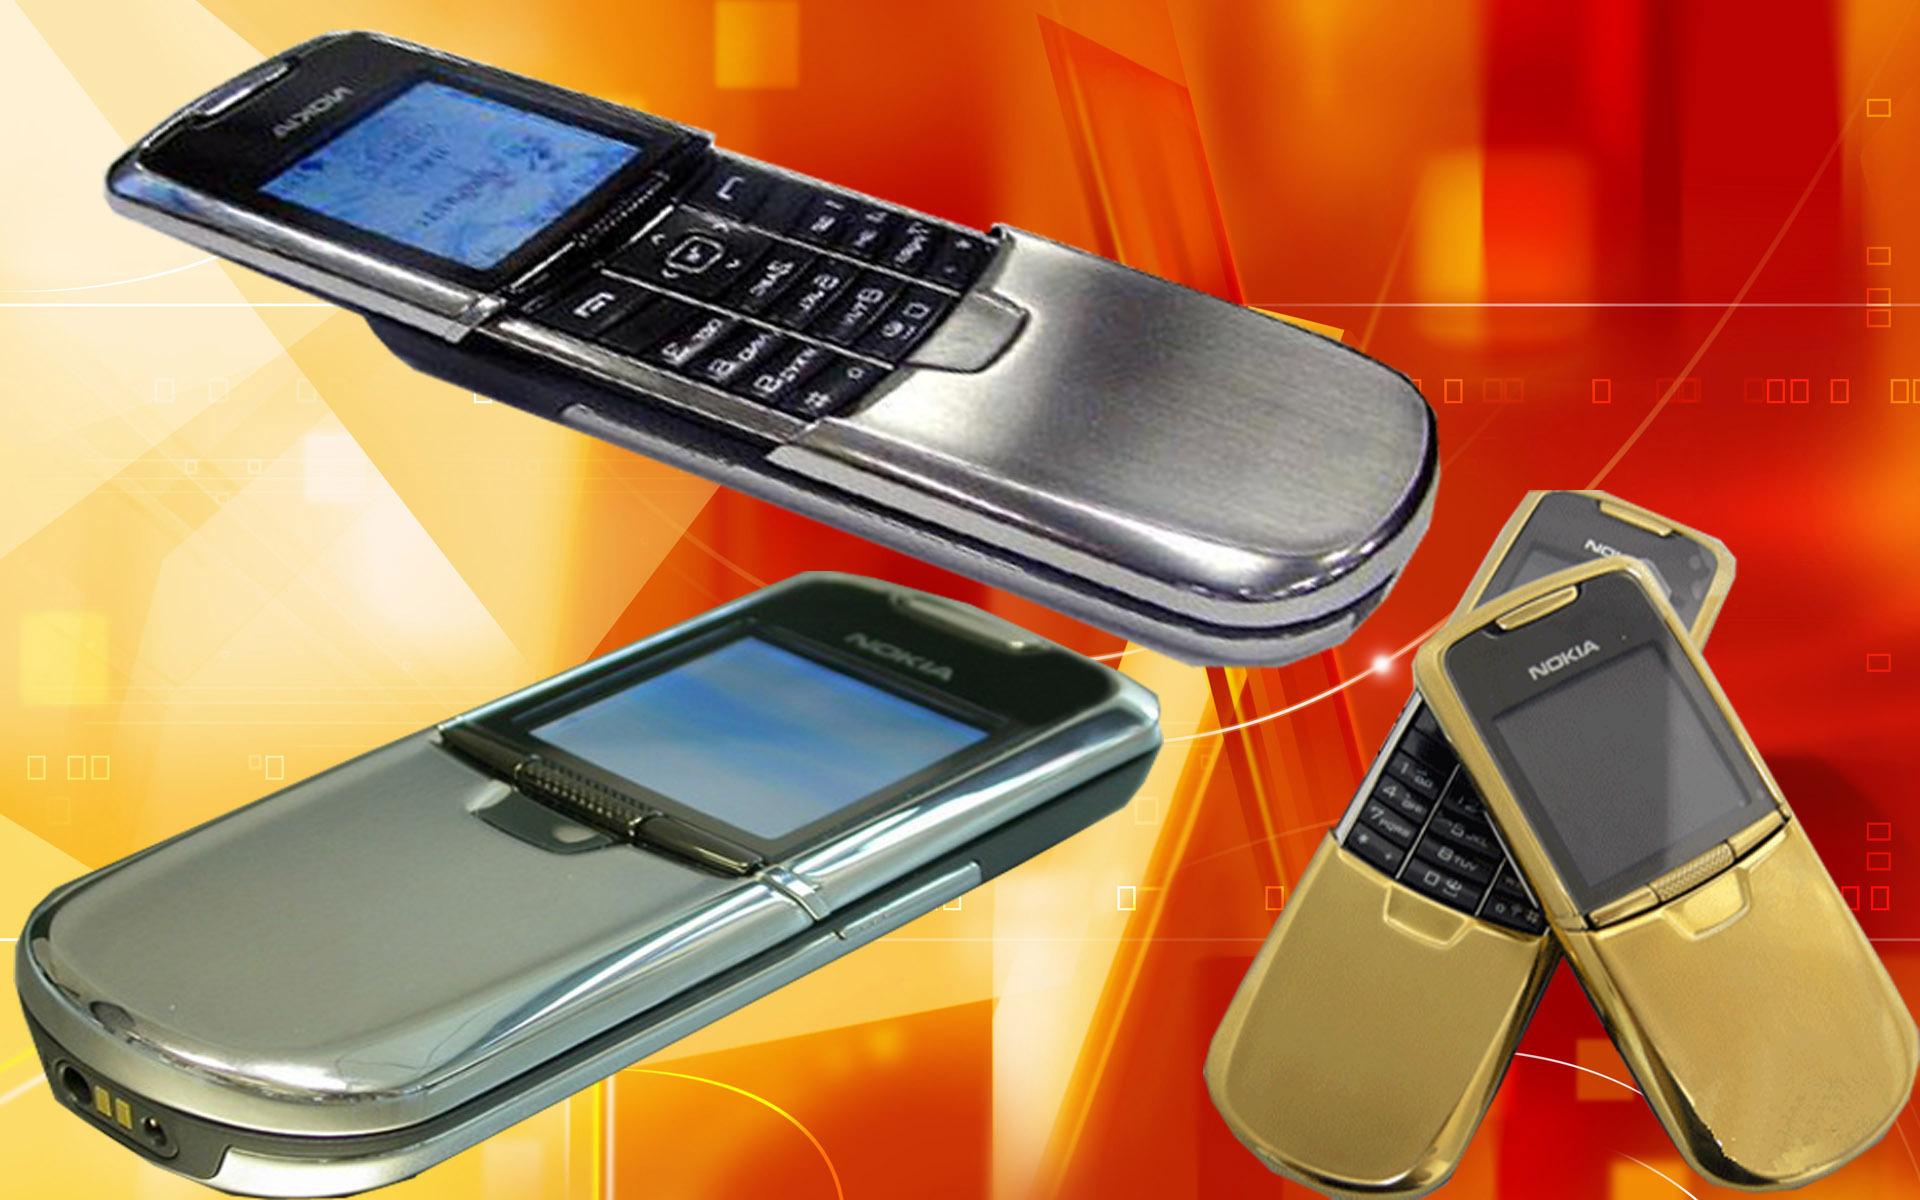 二手手机_二手Nokia/诺基亚 8800 包邮 金属外壳 滑盖 收藏 手机 冲钻打折 ...